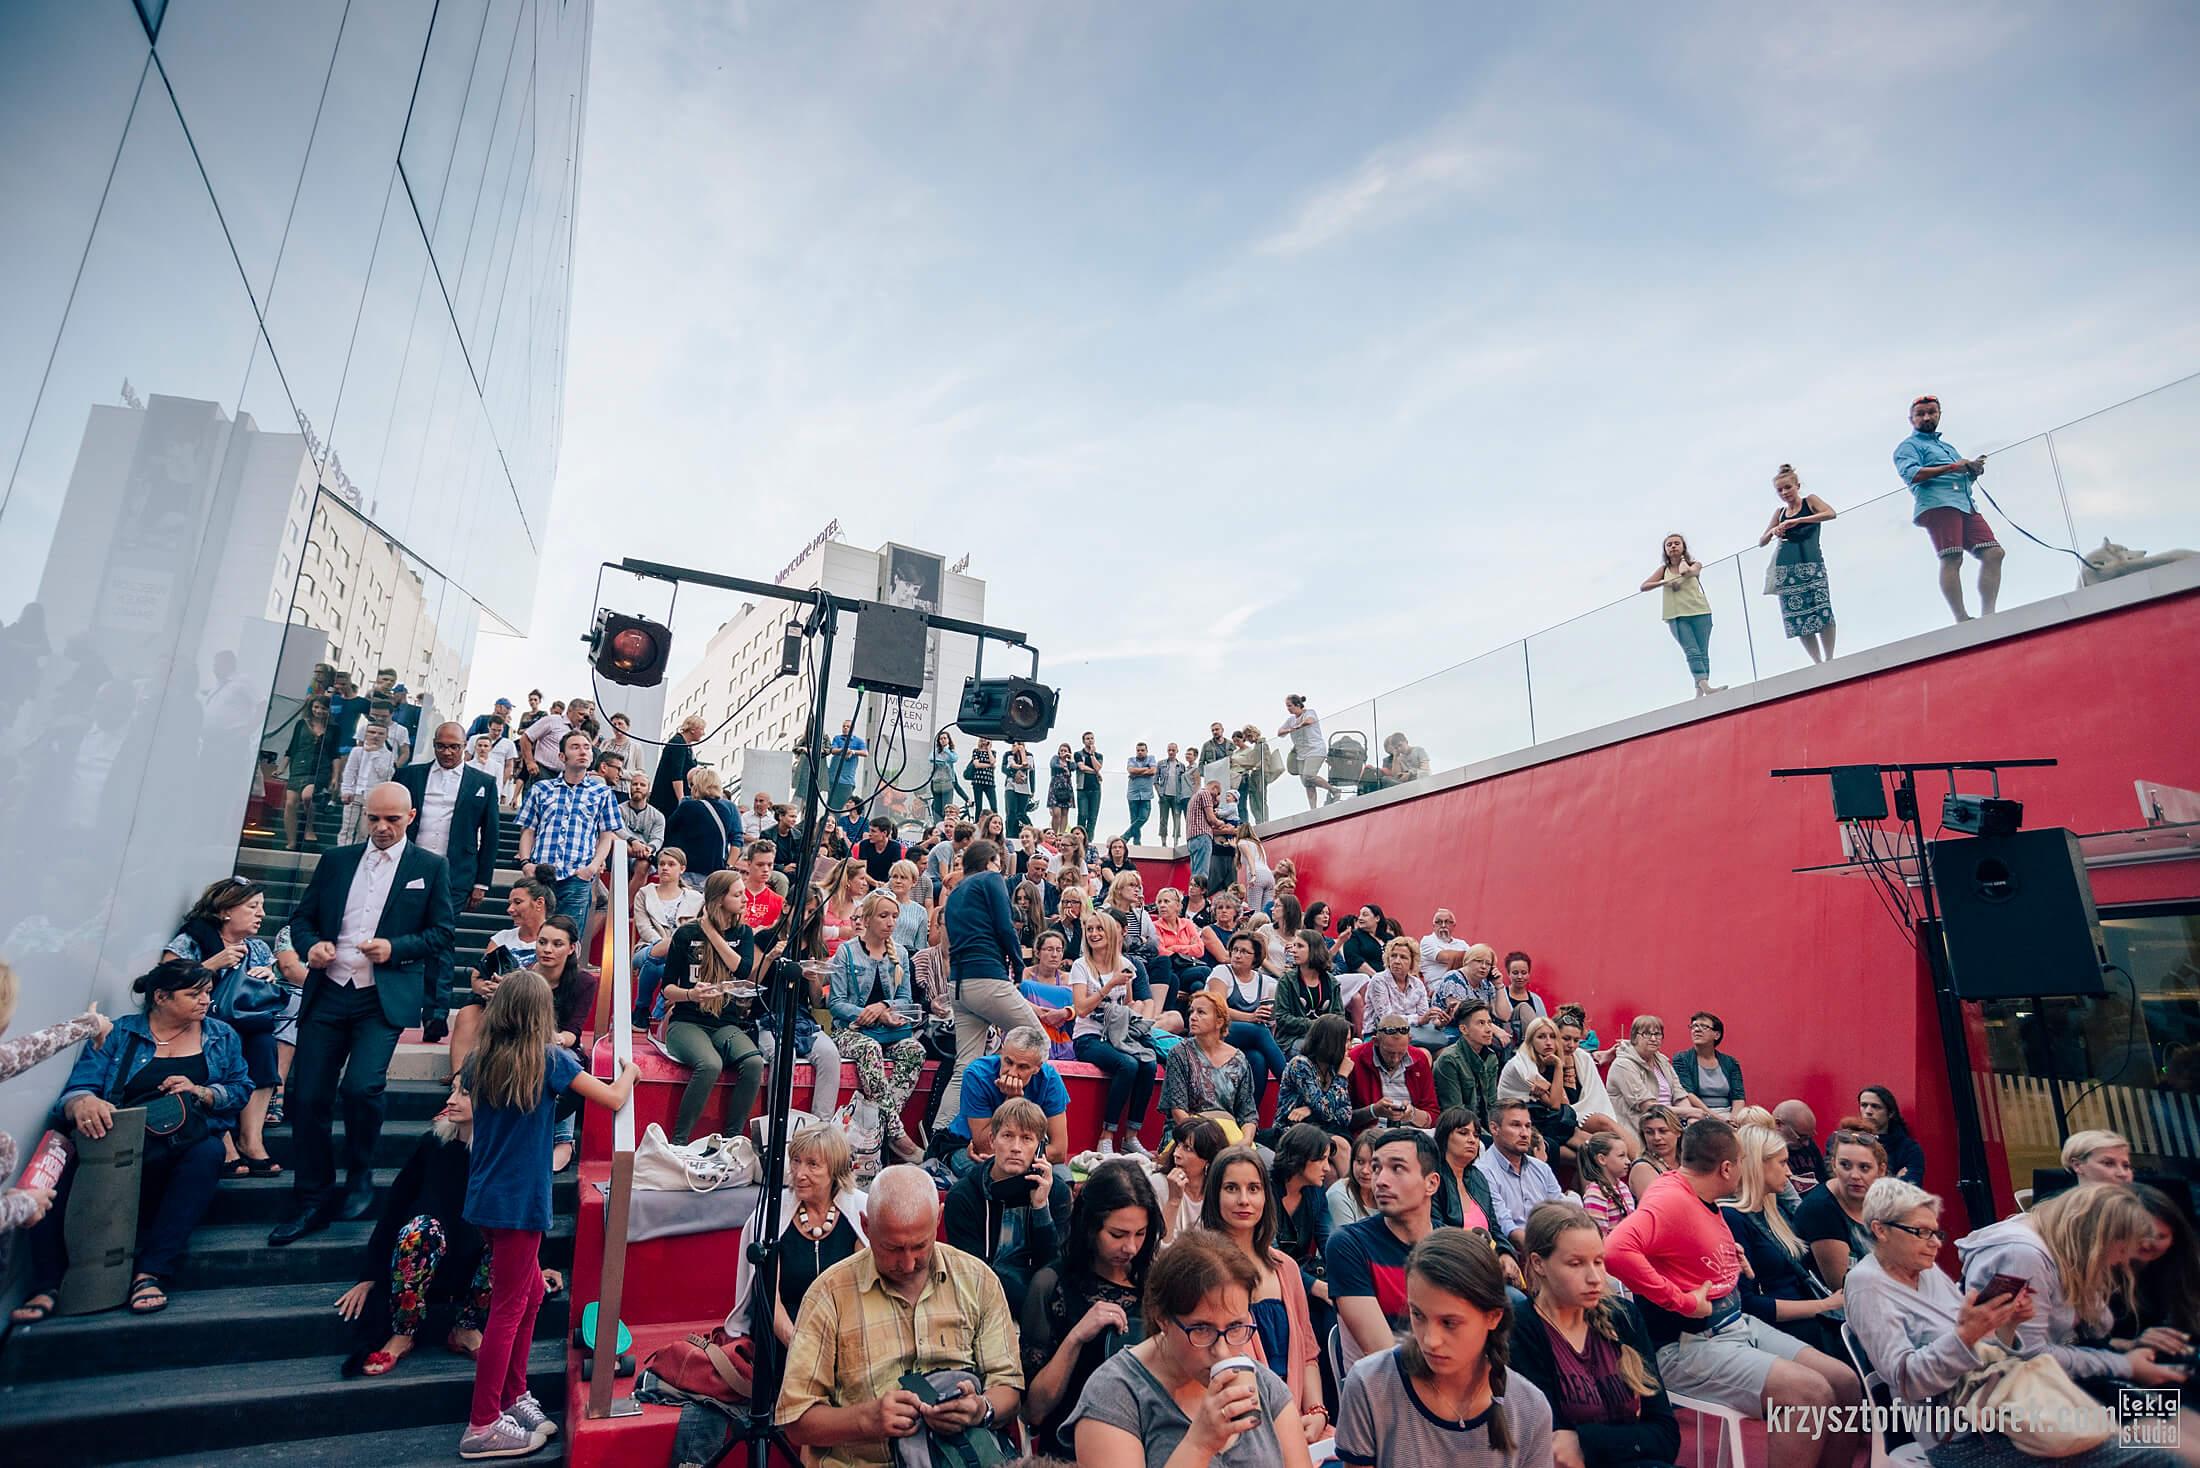 Publicznosc zgromadzona na schodach.